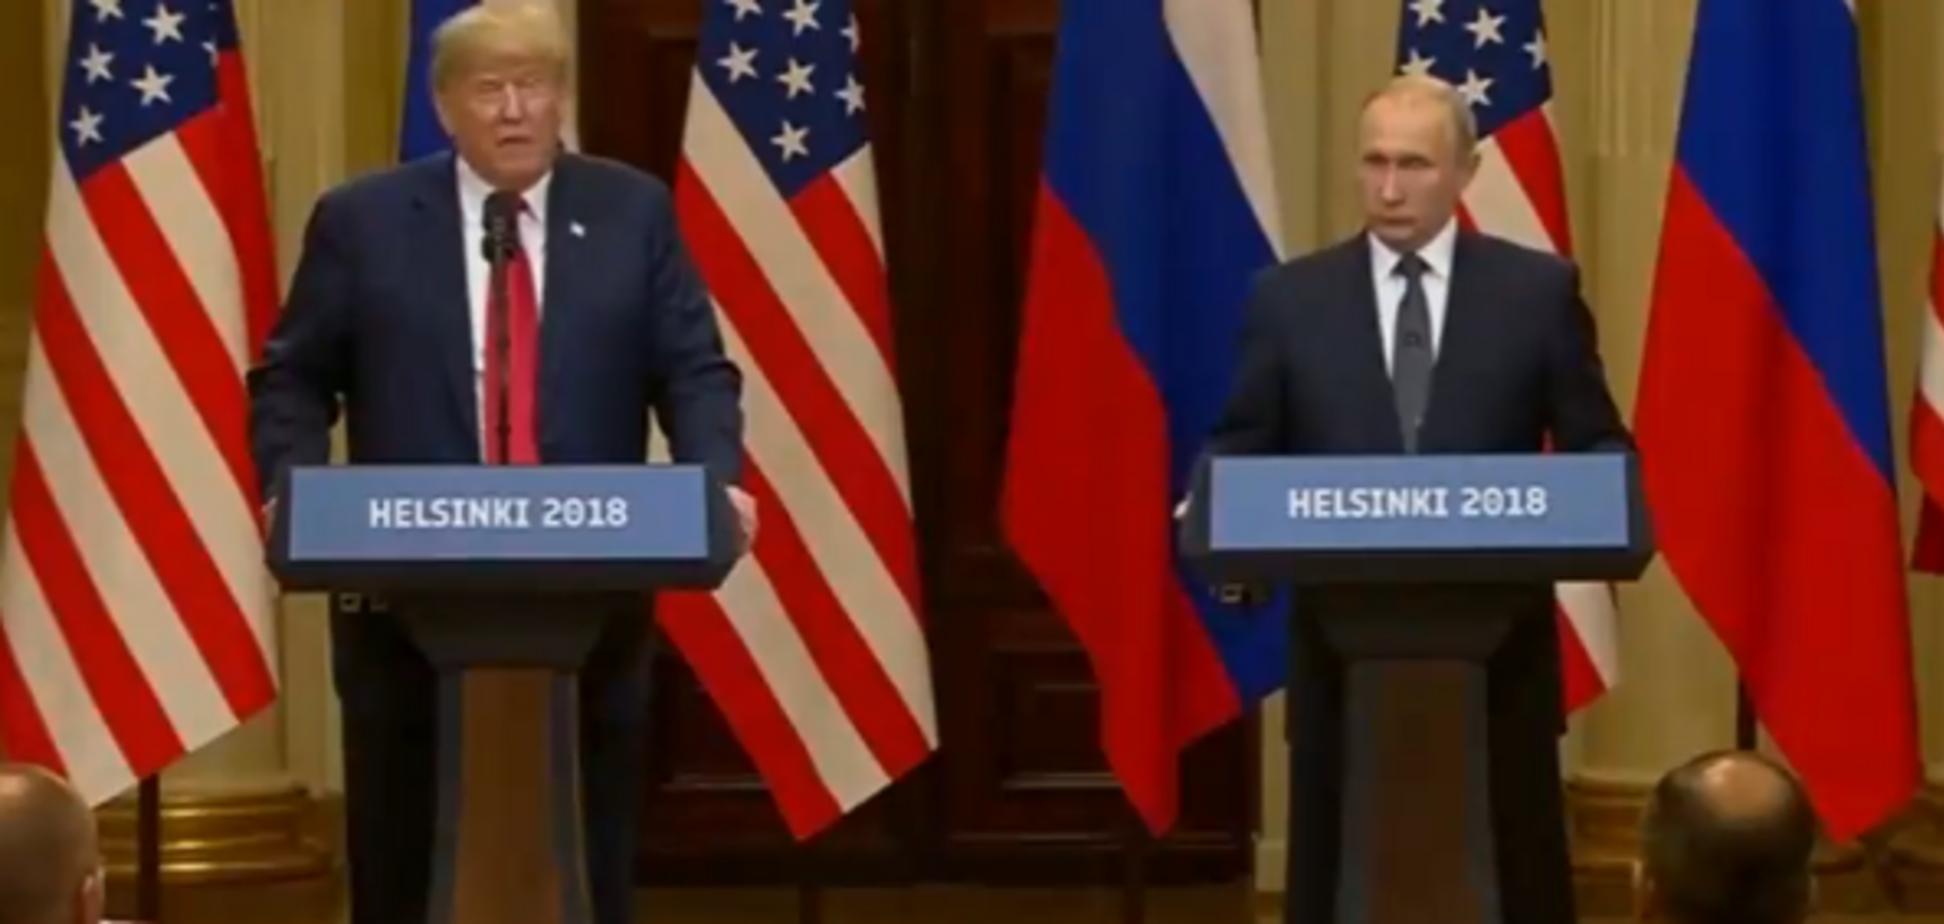 Путін вказав Трампу на недопрацювання щодо України